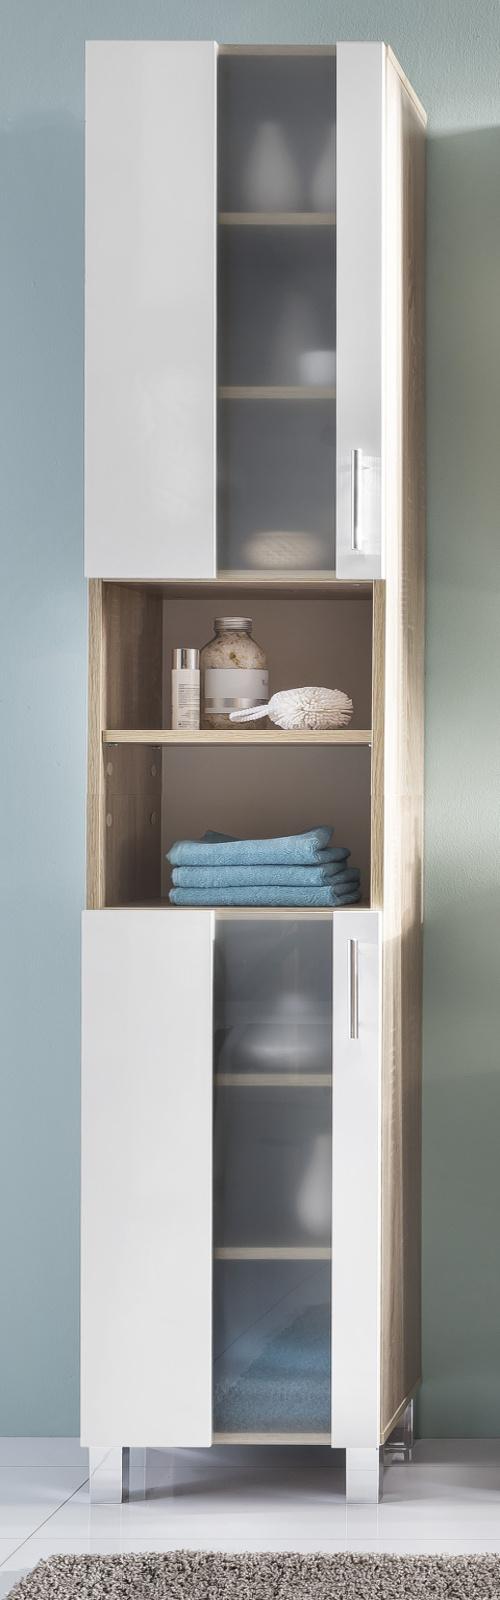 hochschrank badschrank weiss eiche badezimmer bad schrank glas satiniert porto ebay. Black Bedroom Furniture Sets. Home Design Ideas